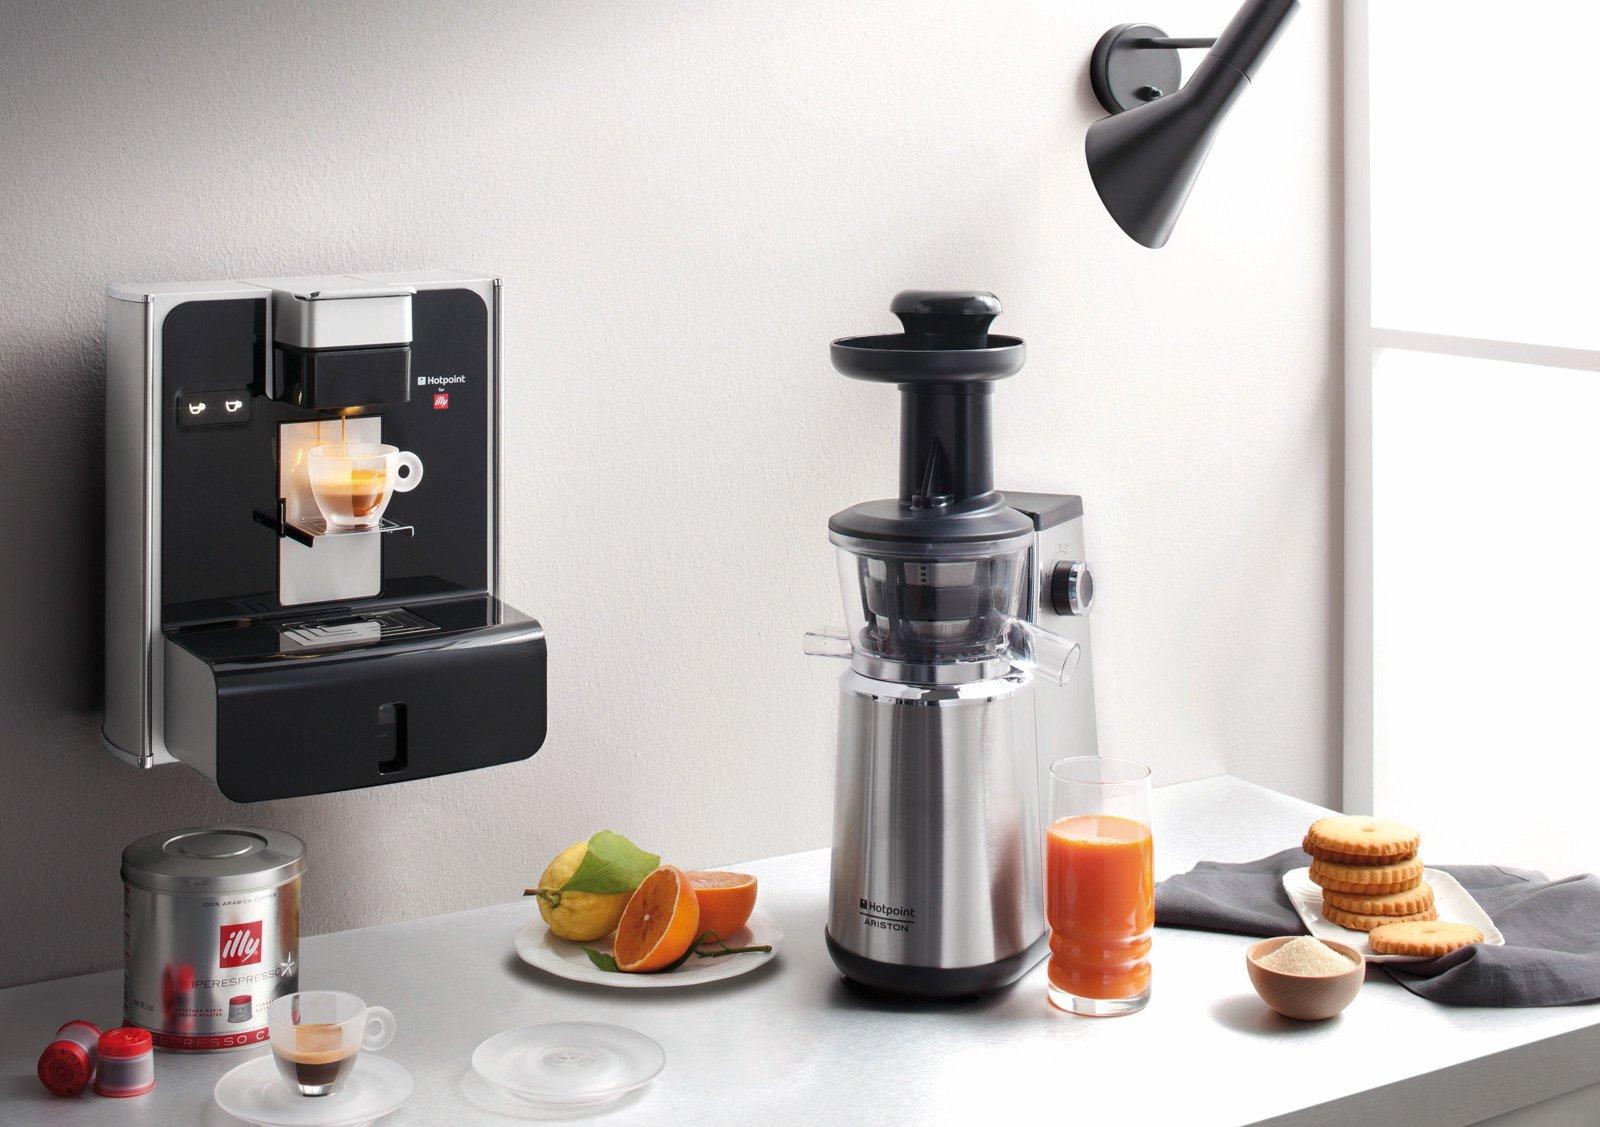 Slow Juicer Hotpoint Ariston Prezzo : Estrattori di succo: per fare il pieno di antiossidanti usando frutta e verdura - Cose di Casa